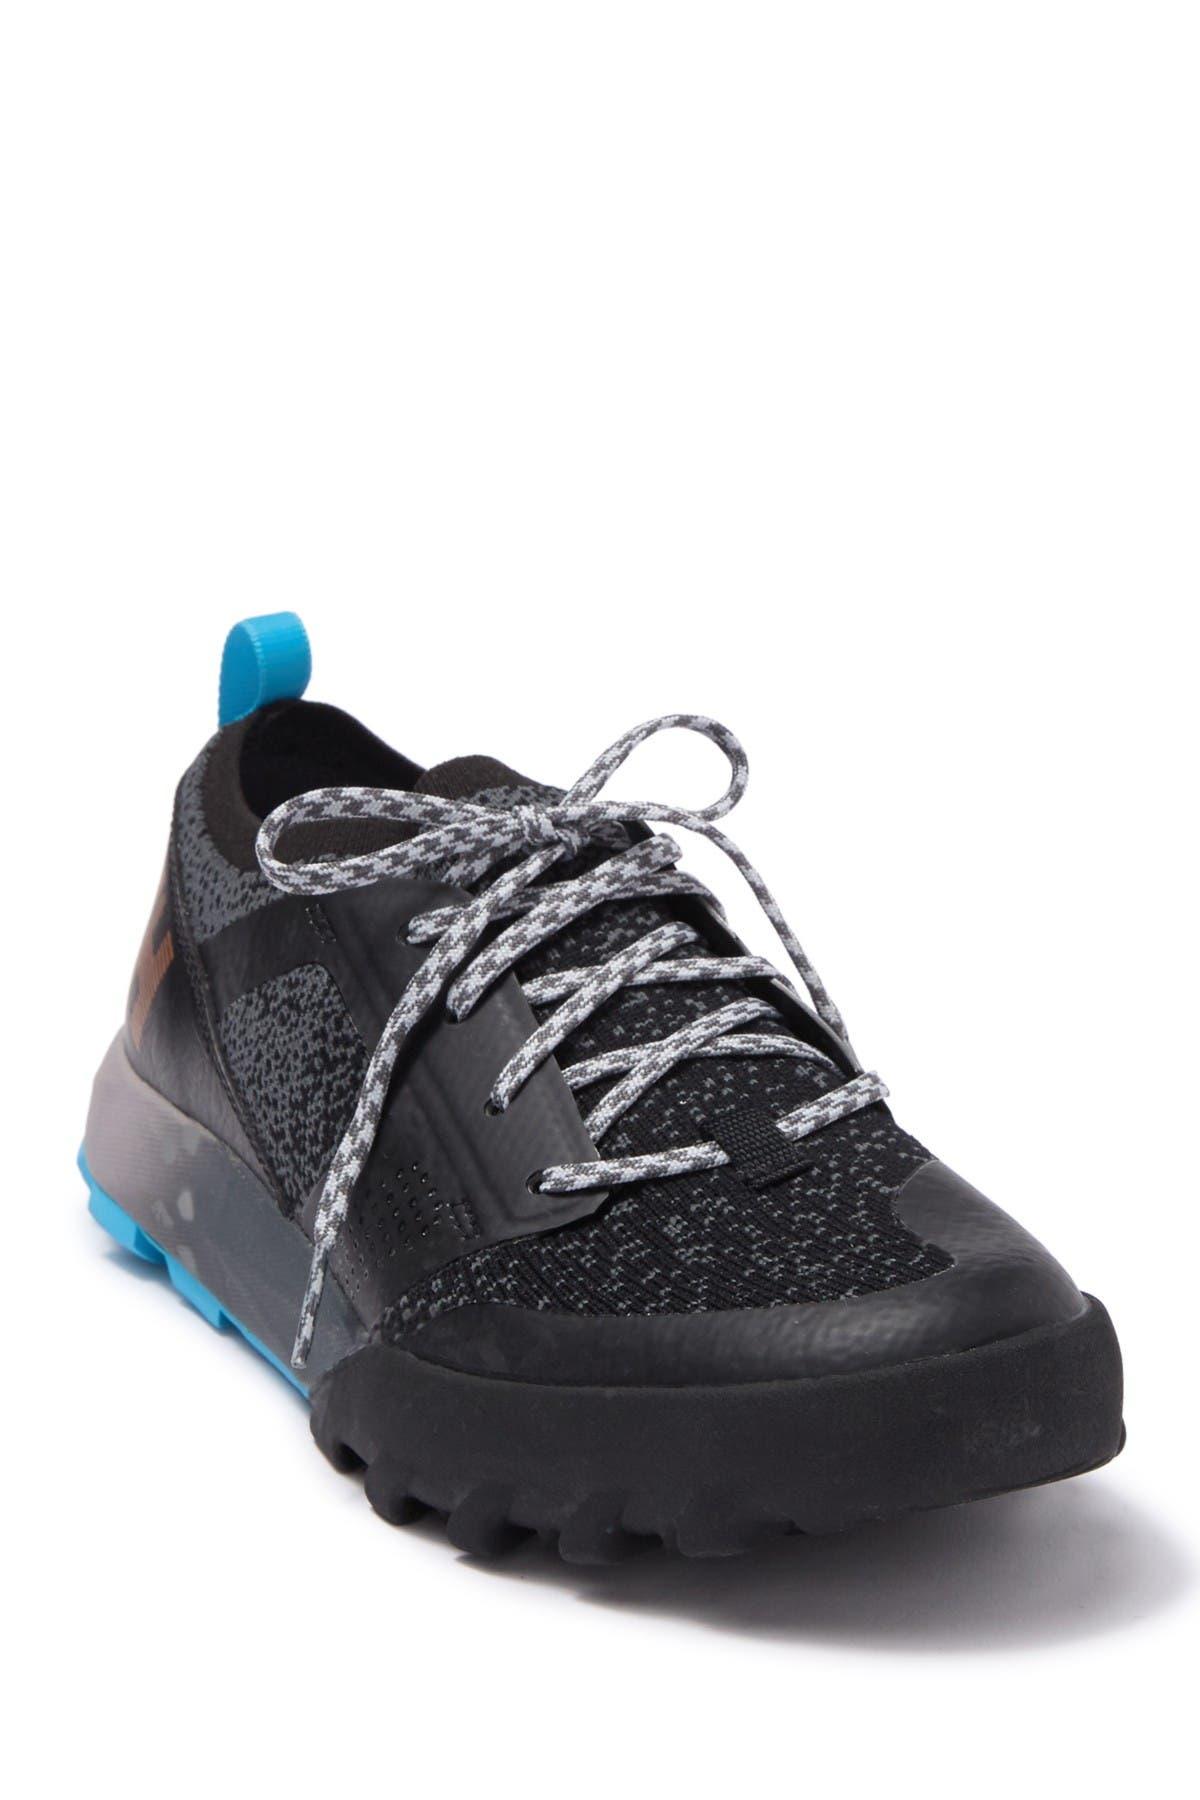 Helly Hansen | Loke Dash Sneaker